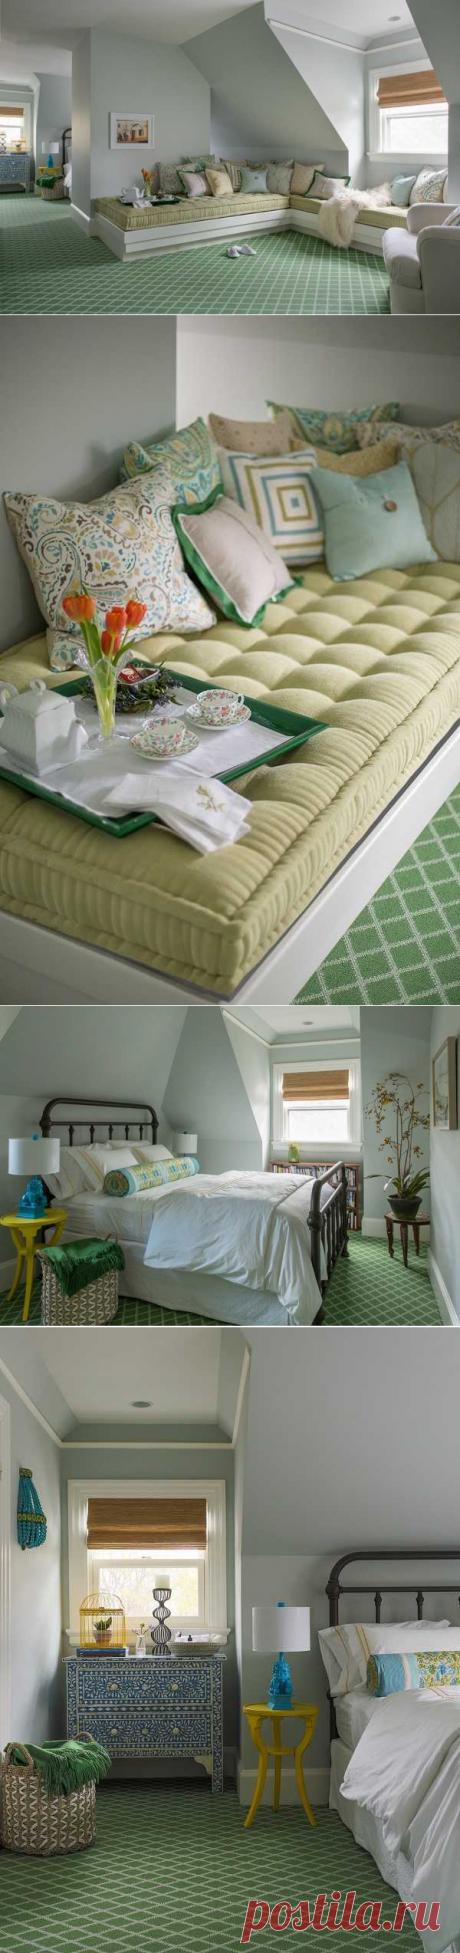 〚 Спальня, утопающая в оттенках зелени и бирюзы 〛 ◾ Фото ◾Идеи◾ Дизайн